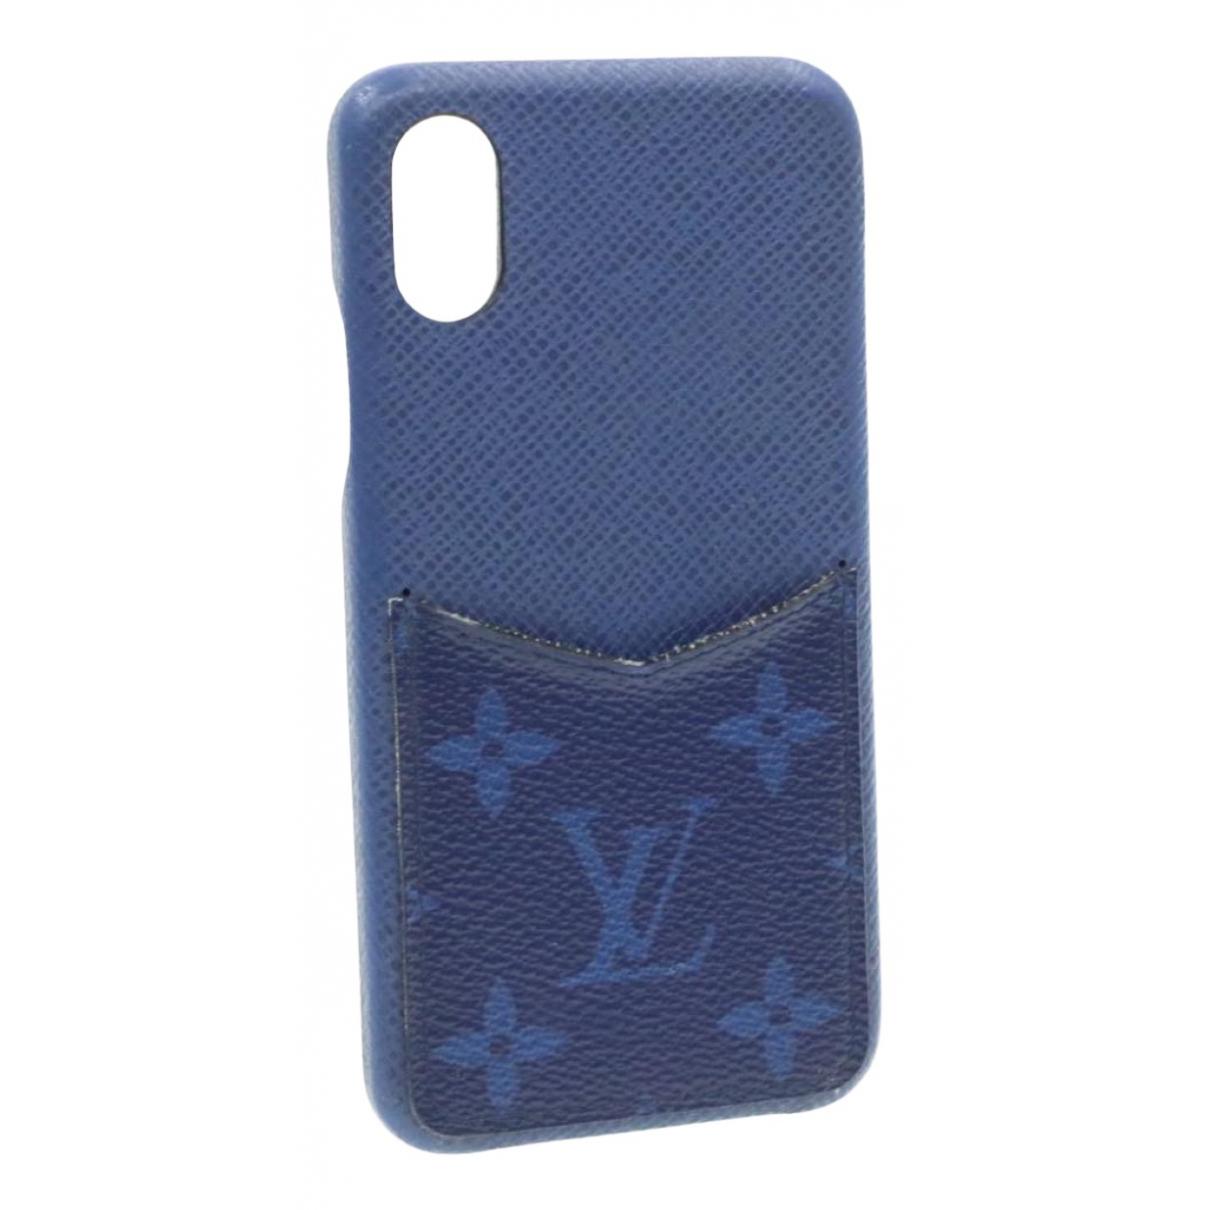 Louis Vuitton - Accessoires   pour lifestyle en toile - bleu